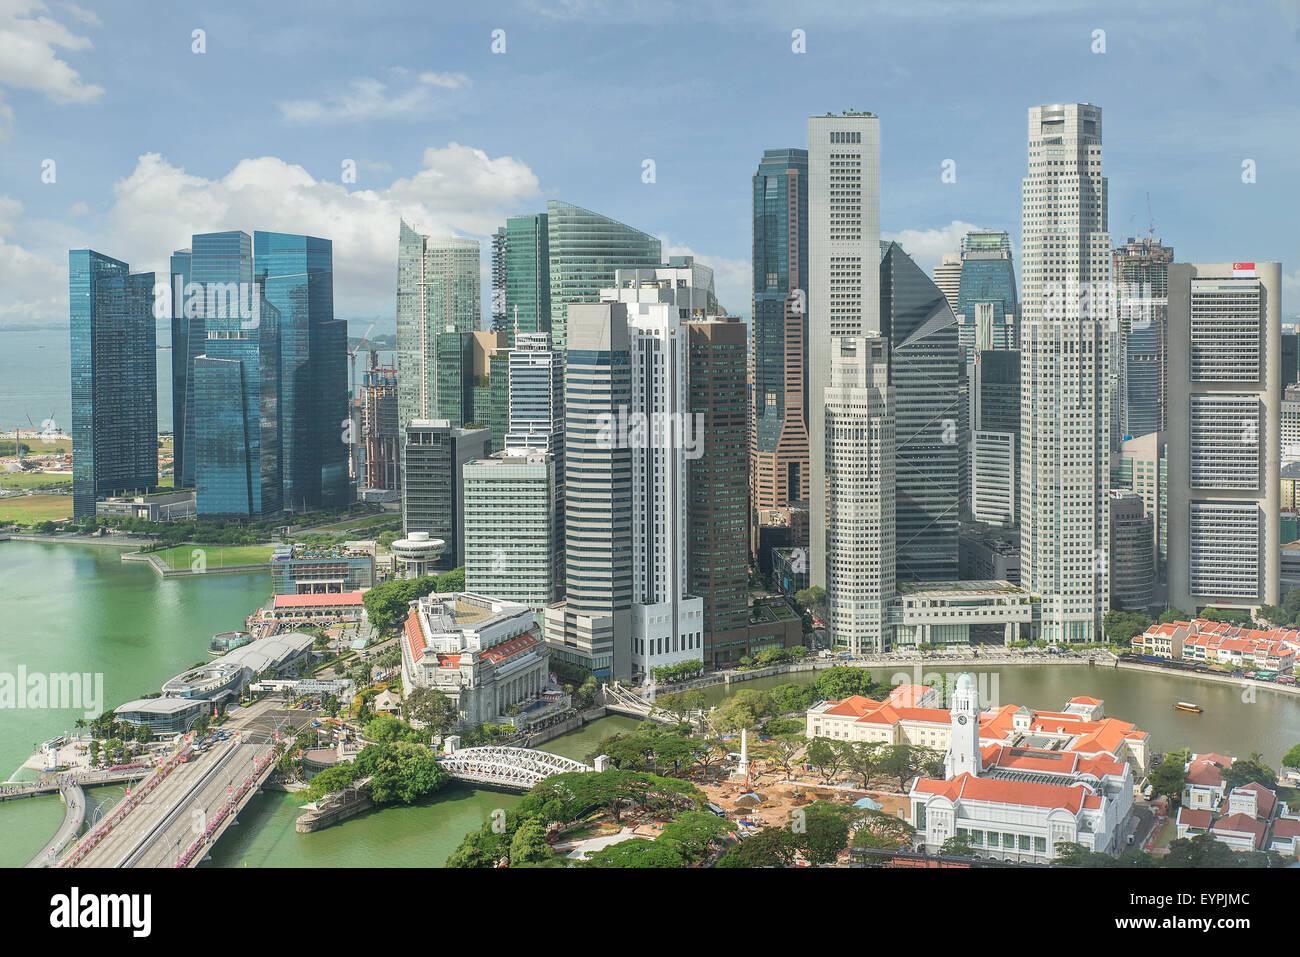 Lo skyline di Singapore. Singapore dal quartiere degli affari. Immagini Stock